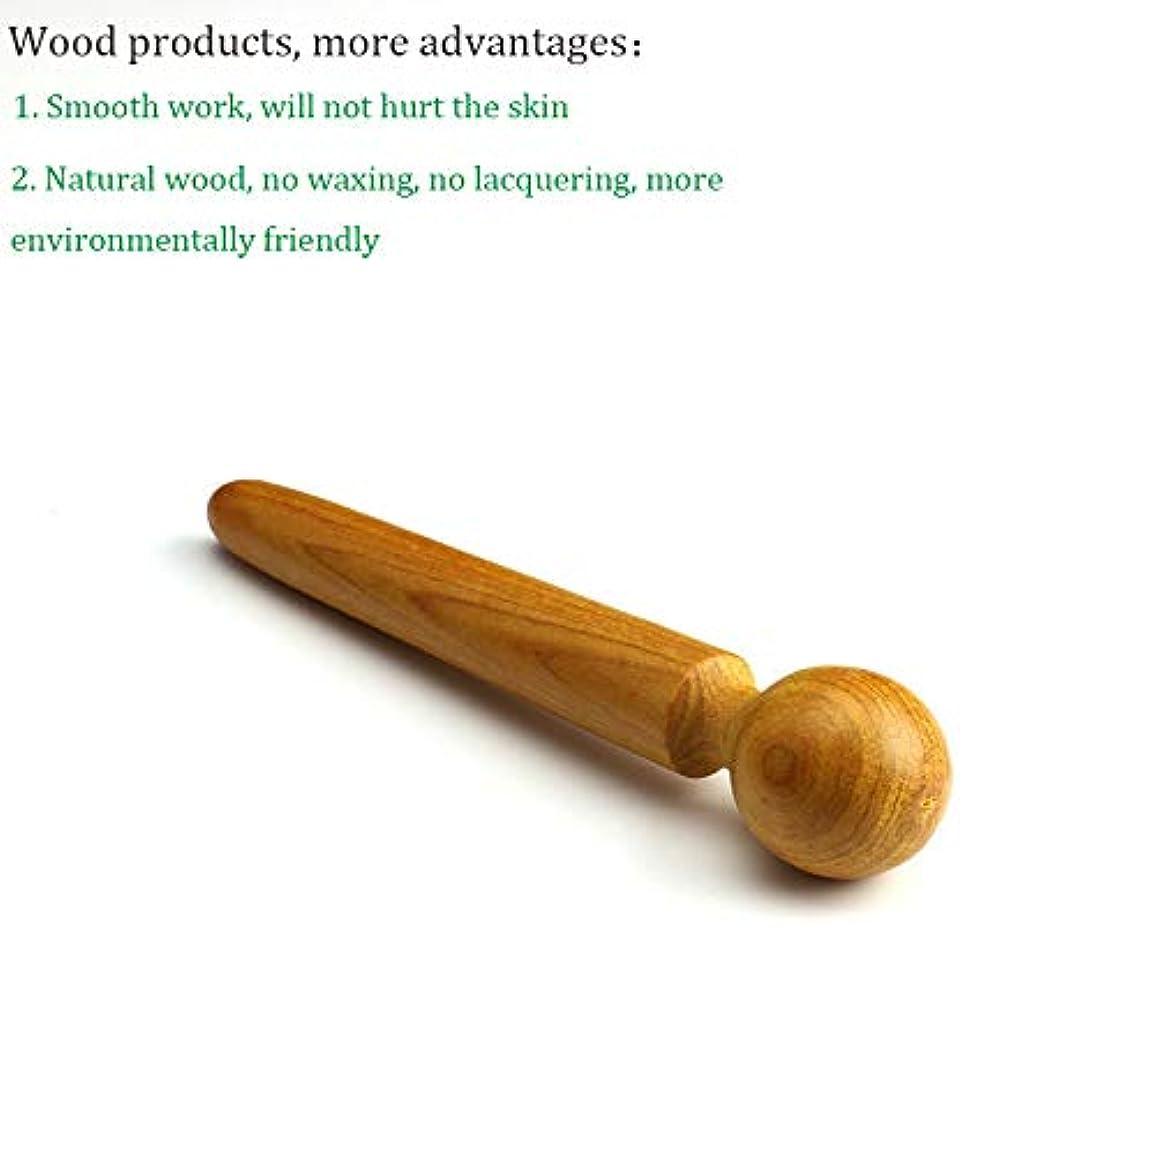 魔術乱雑な褐色DC 木製マッサージャー 木製フットポイントスティック 鍼治療ポイントロッドSPAボディフットマッサージツール 疲労緩和